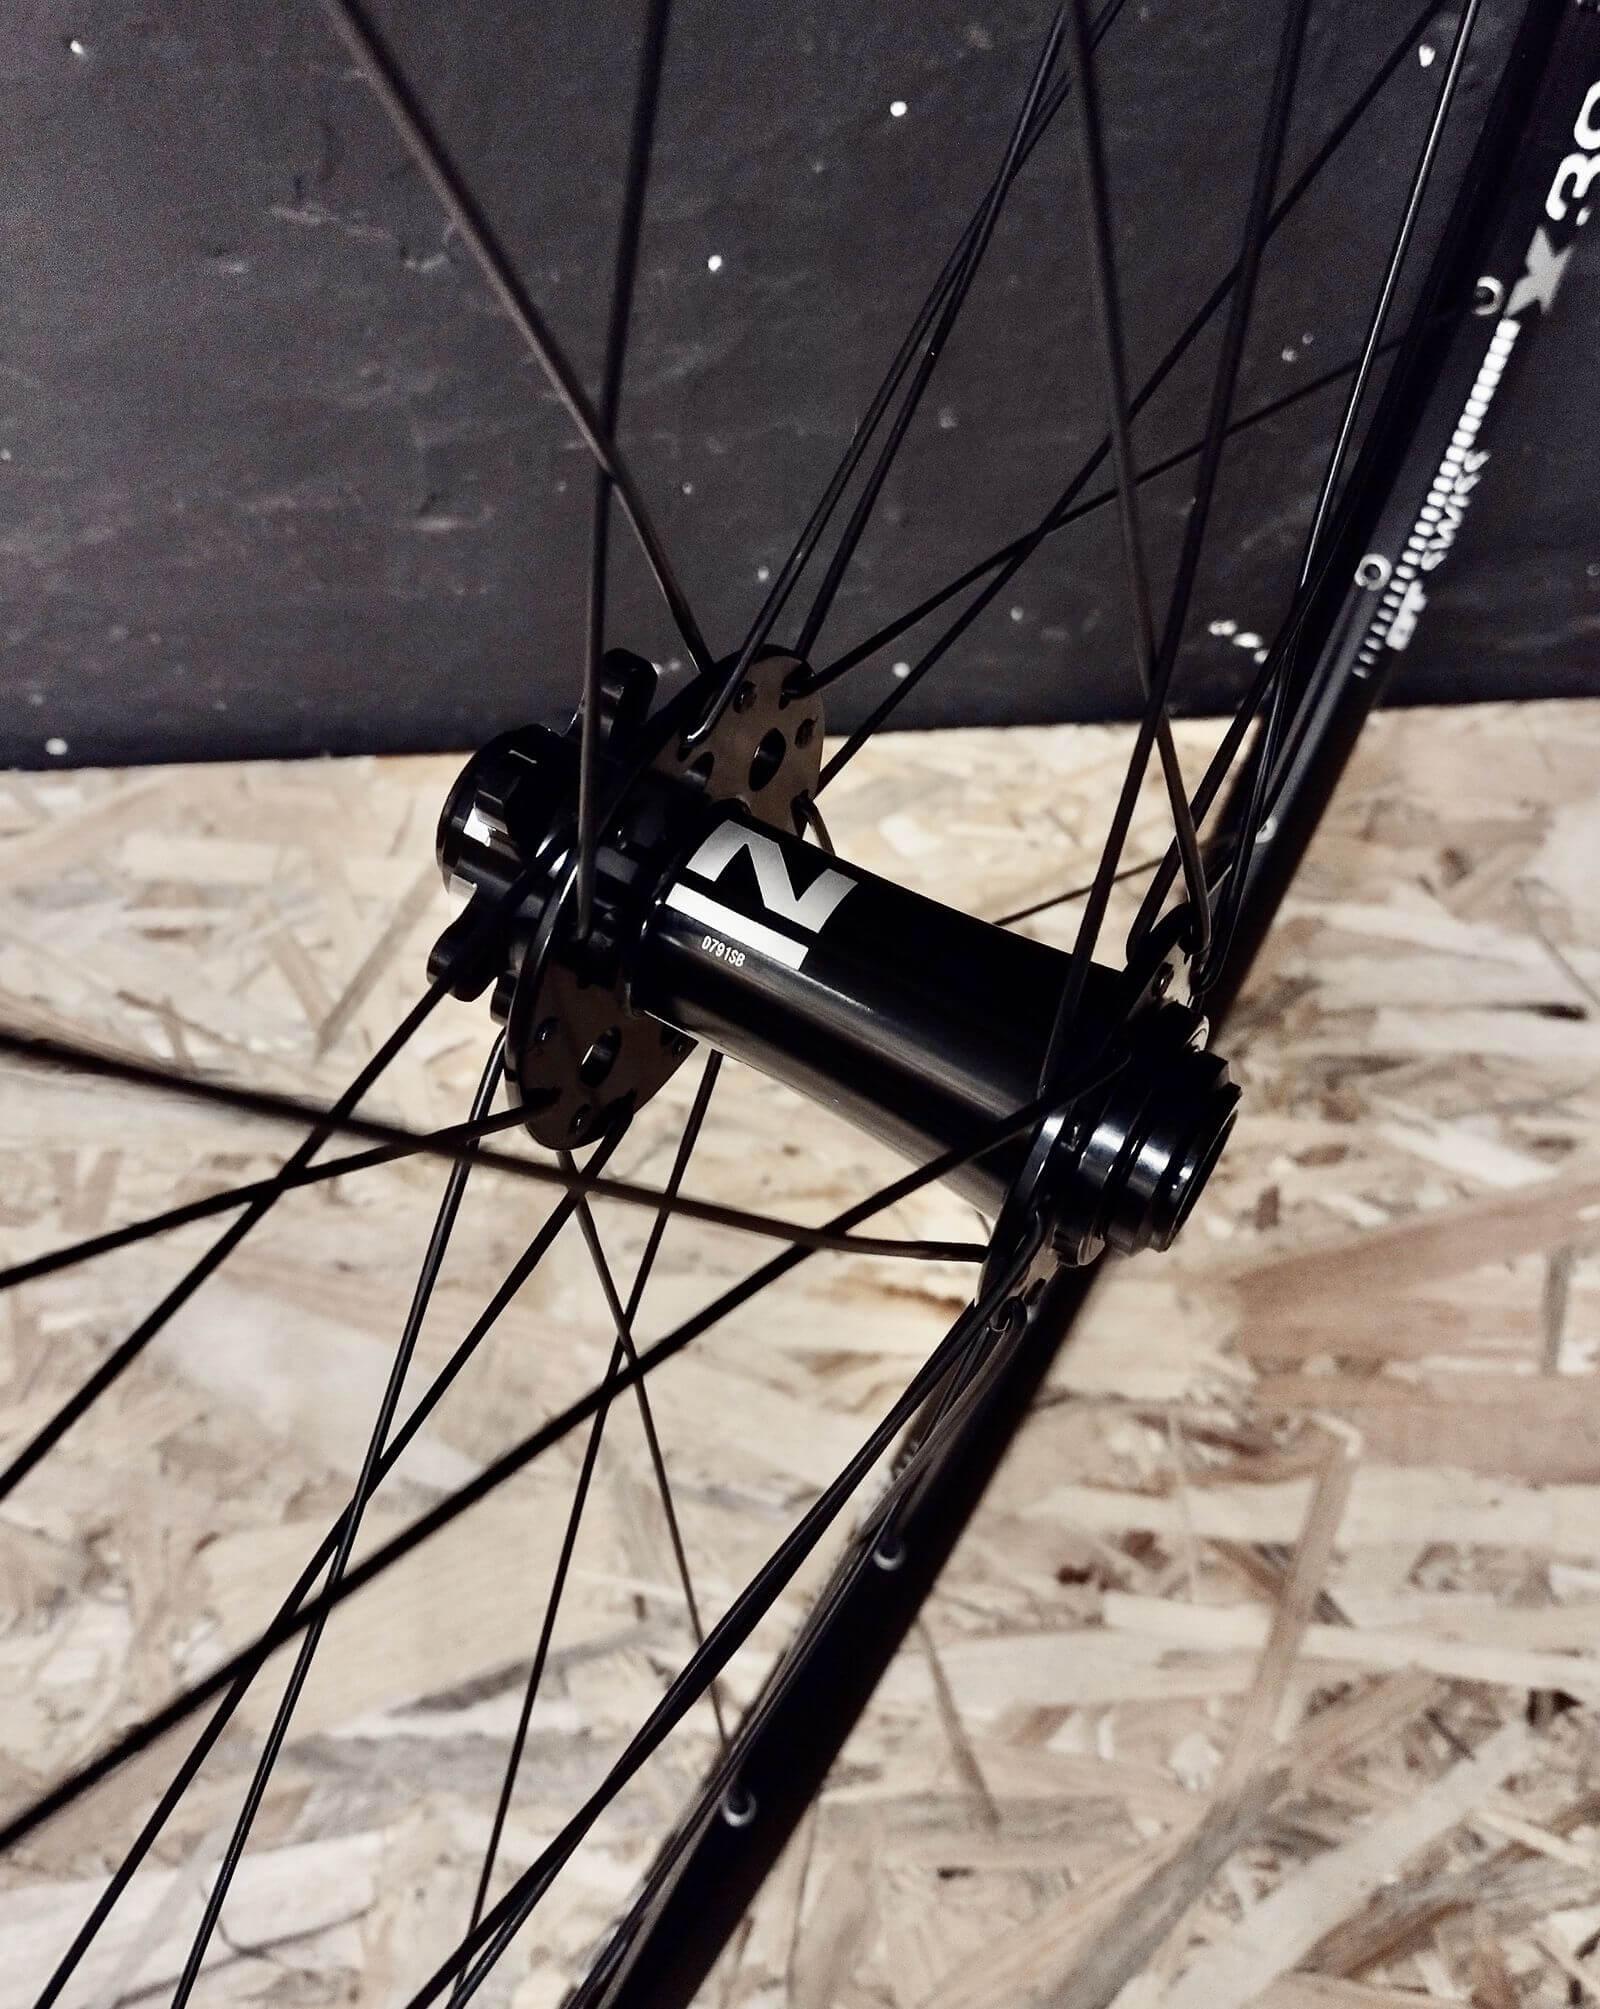 Przednia piasta Novatec D791SB ze szprychami Pillar na tarczę 6 śrub w wytrzymałym kole MTB na obręczy DT Swiss X392